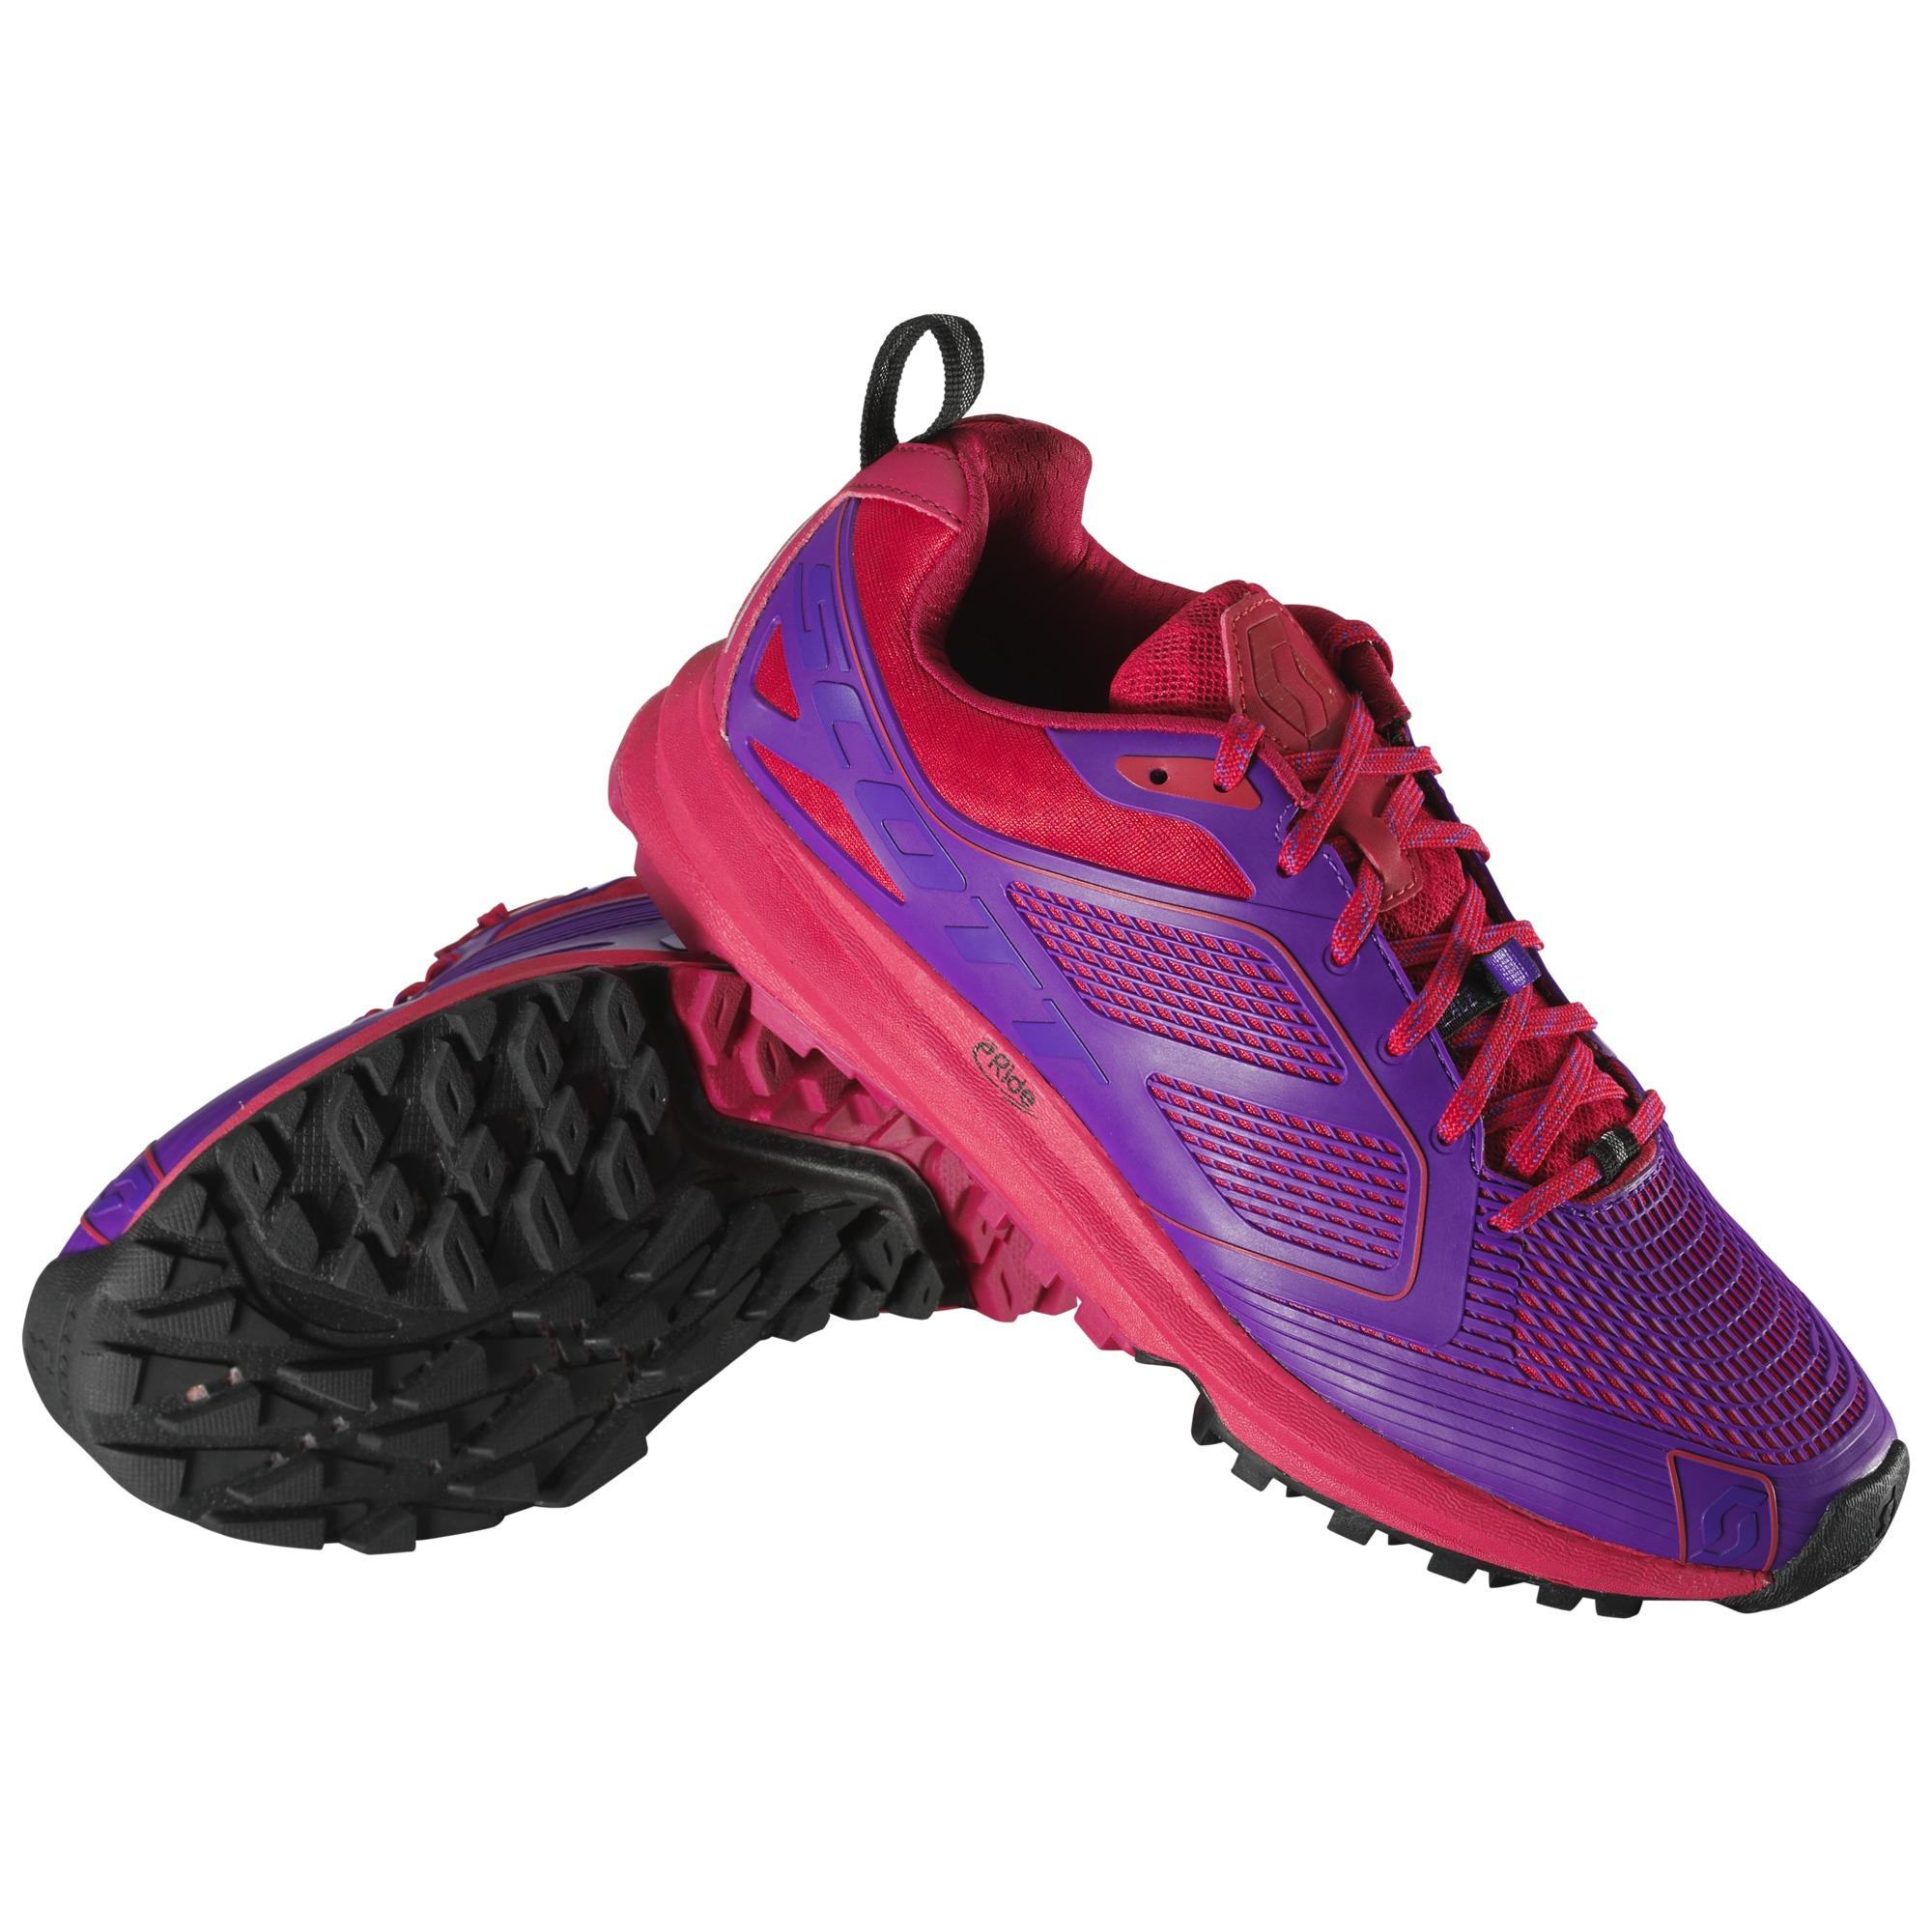 Scott Kinabalu Enduro Trail Running Shoes